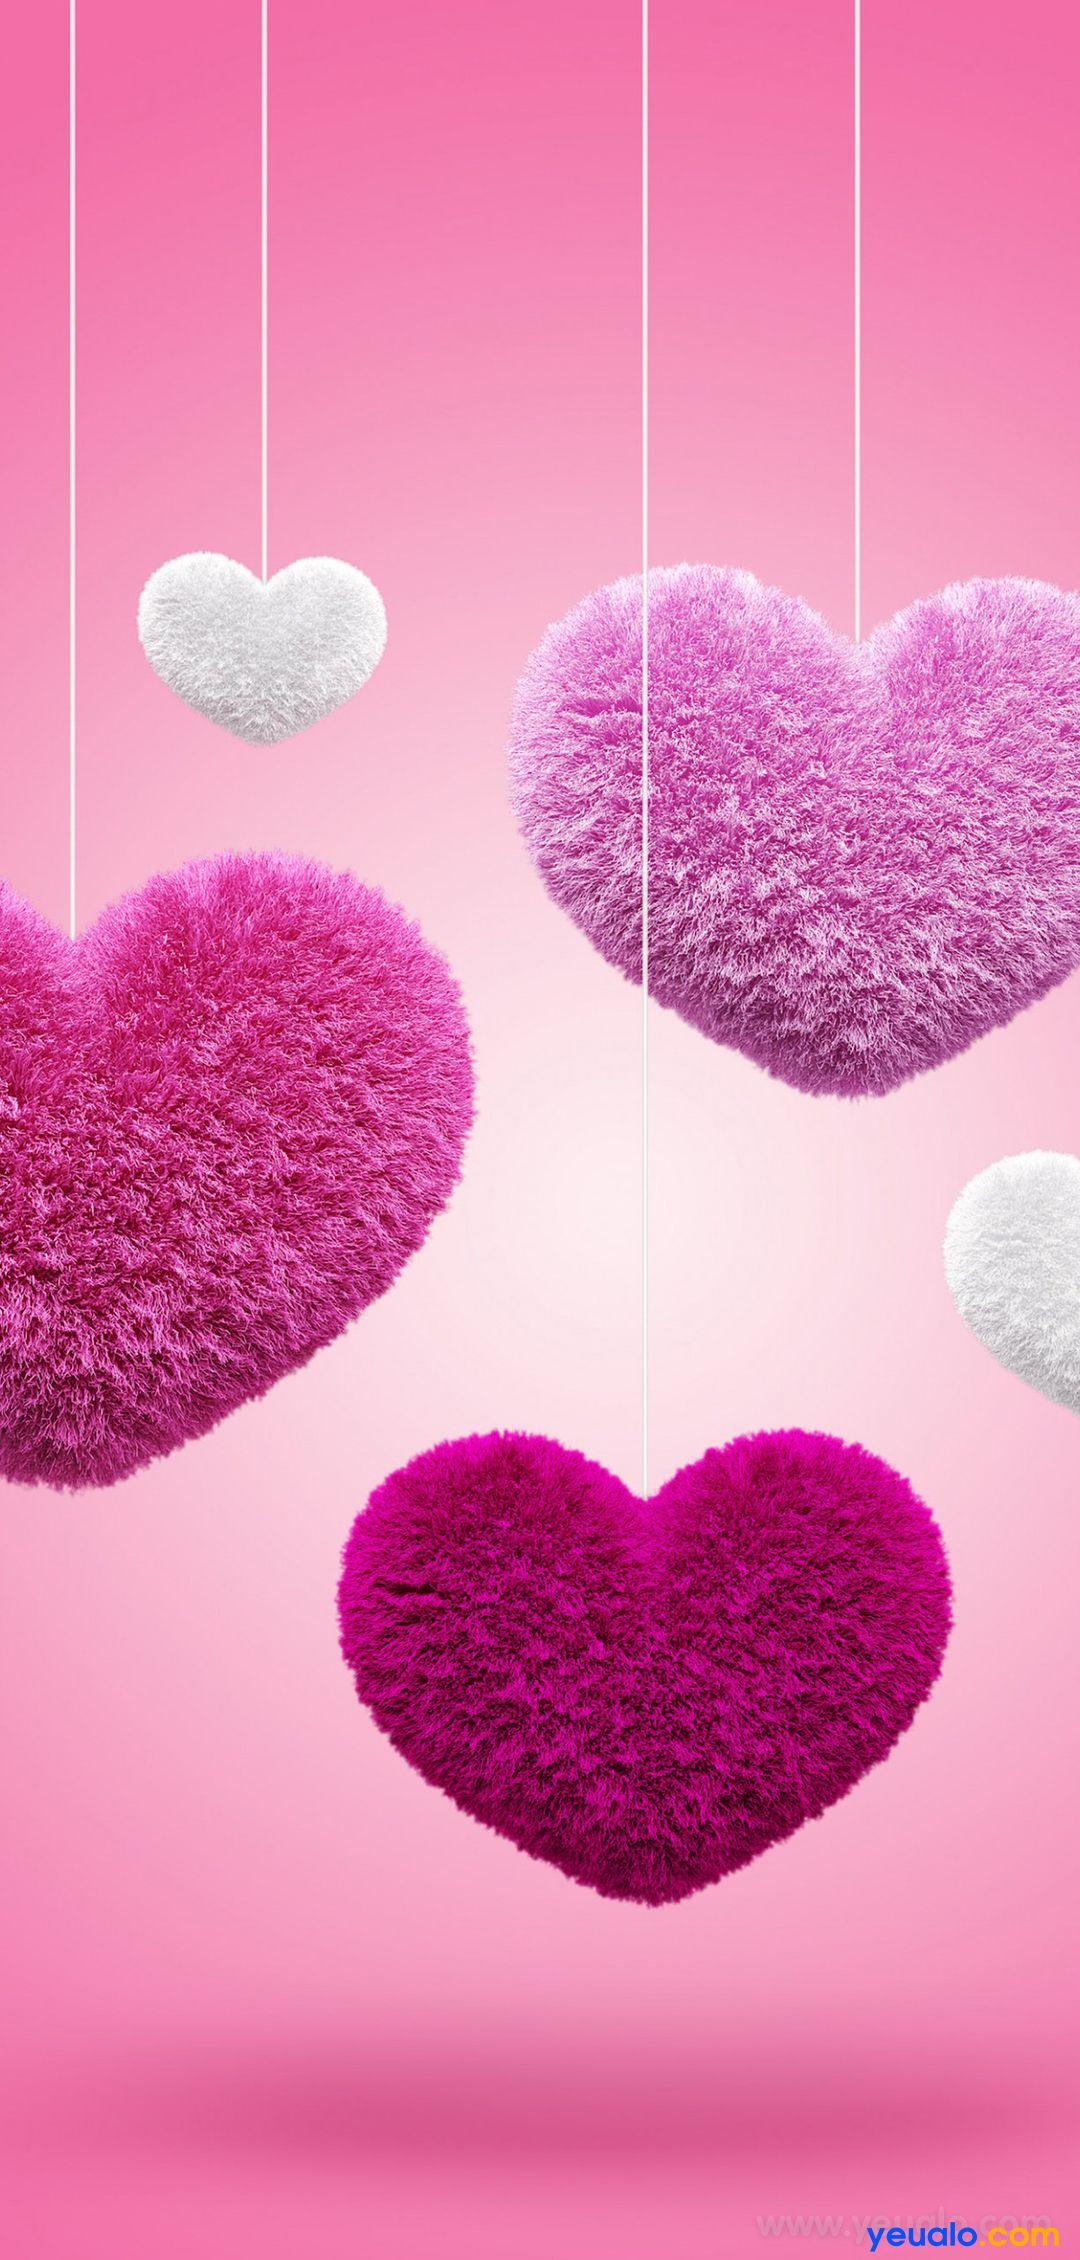 Hình nền điện thoại hình trái tim tình yêu đẹp nhất 11